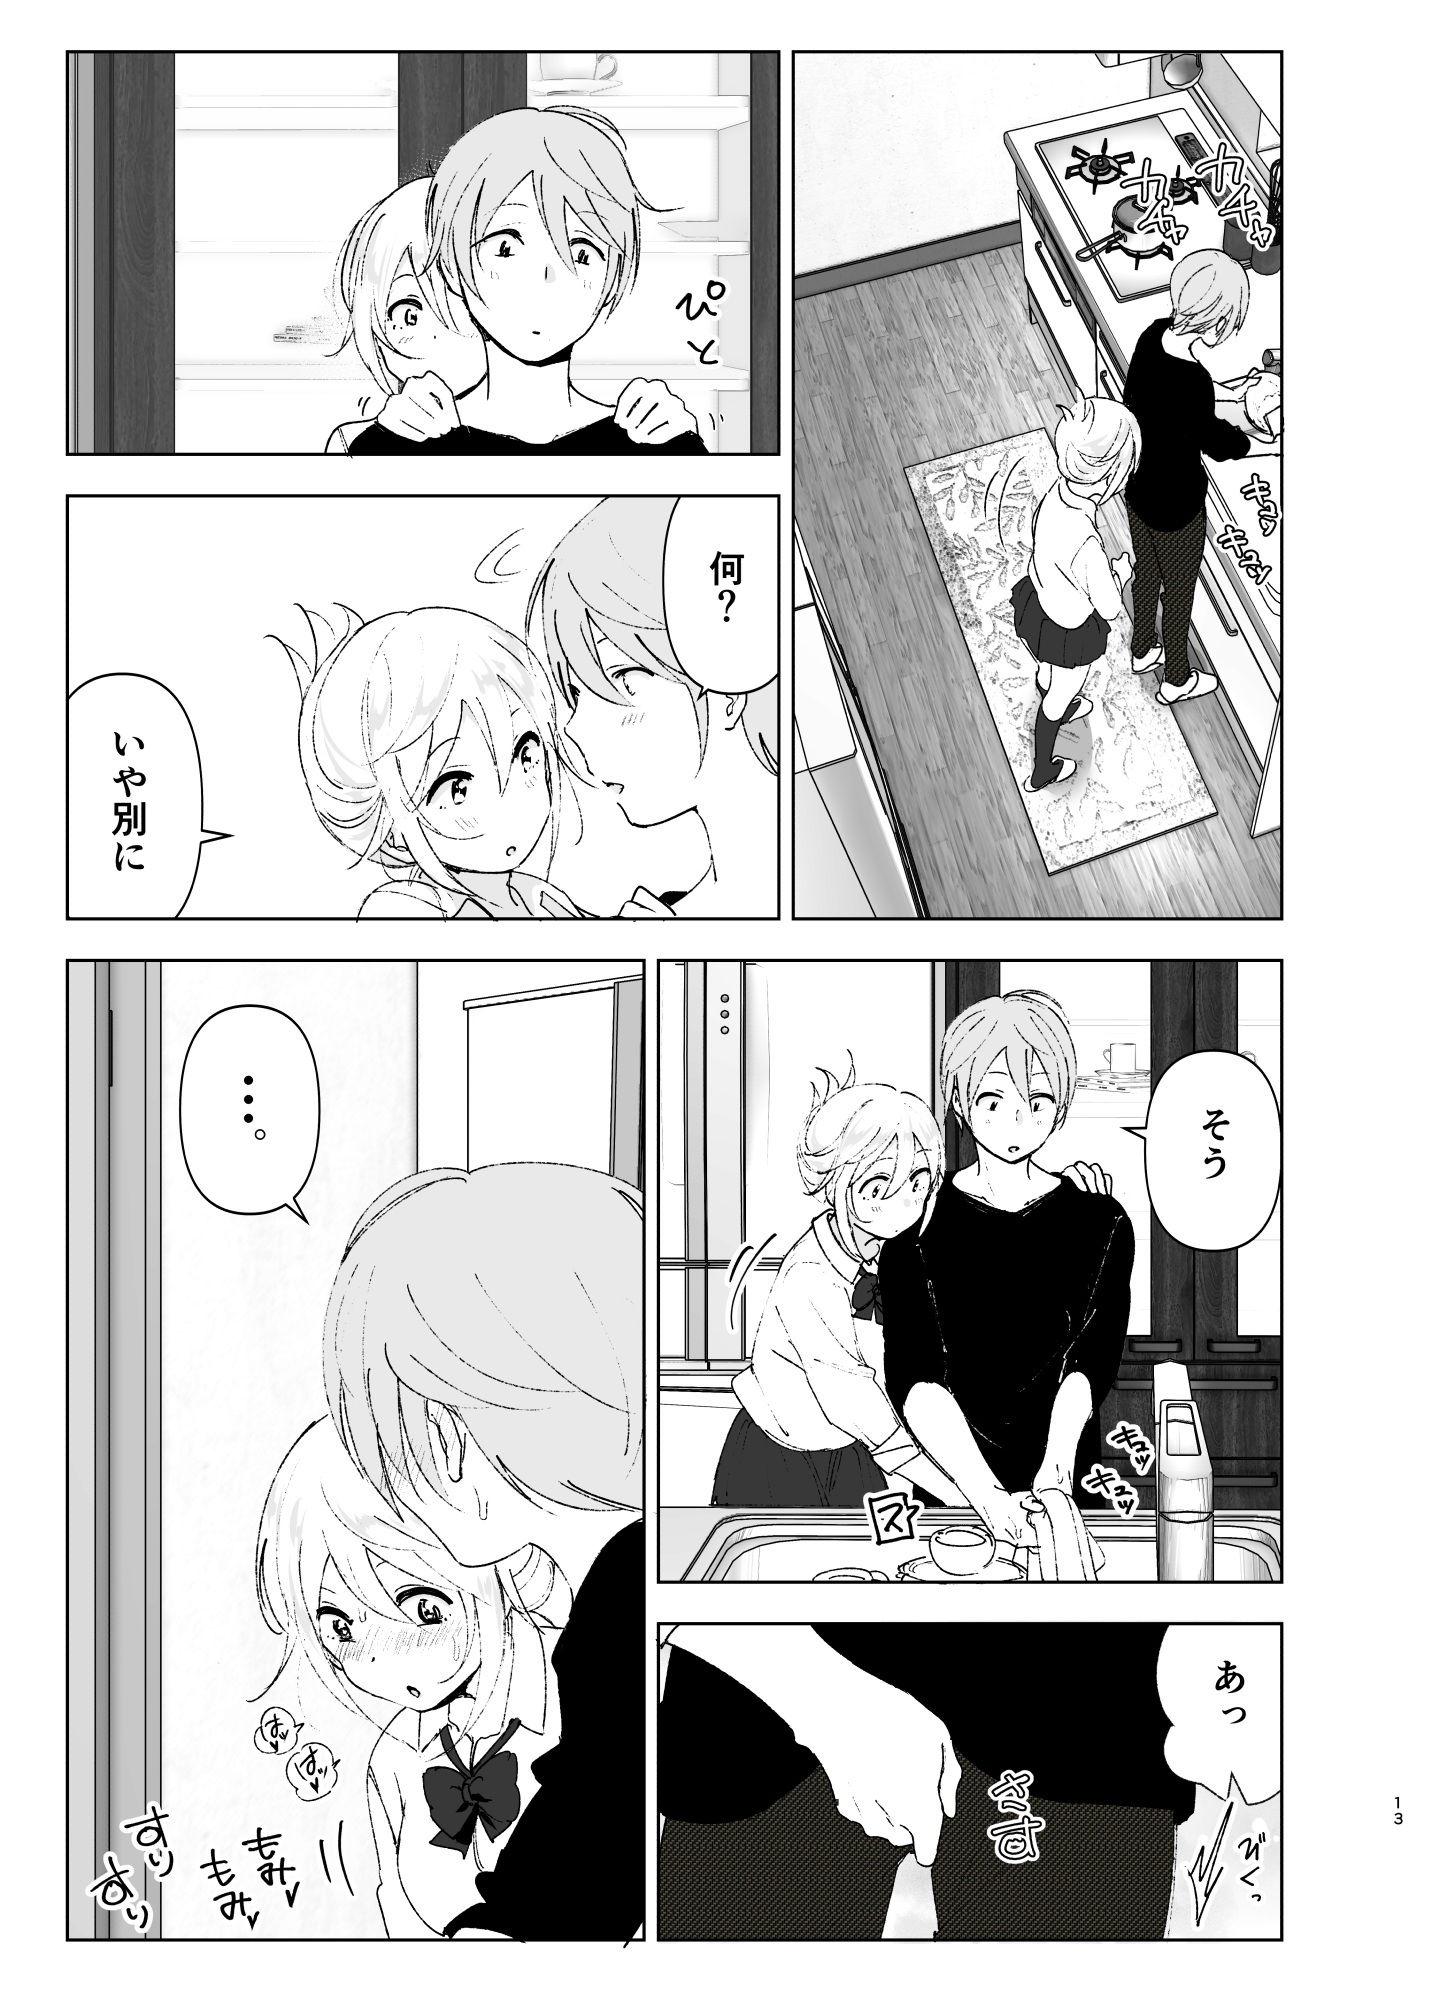 【エロ漫画無料大全集】兄と妹のせつない心情を描いたエロ漫画にフル勃起してしまうwww【昔は可愛かった2:すぺ】